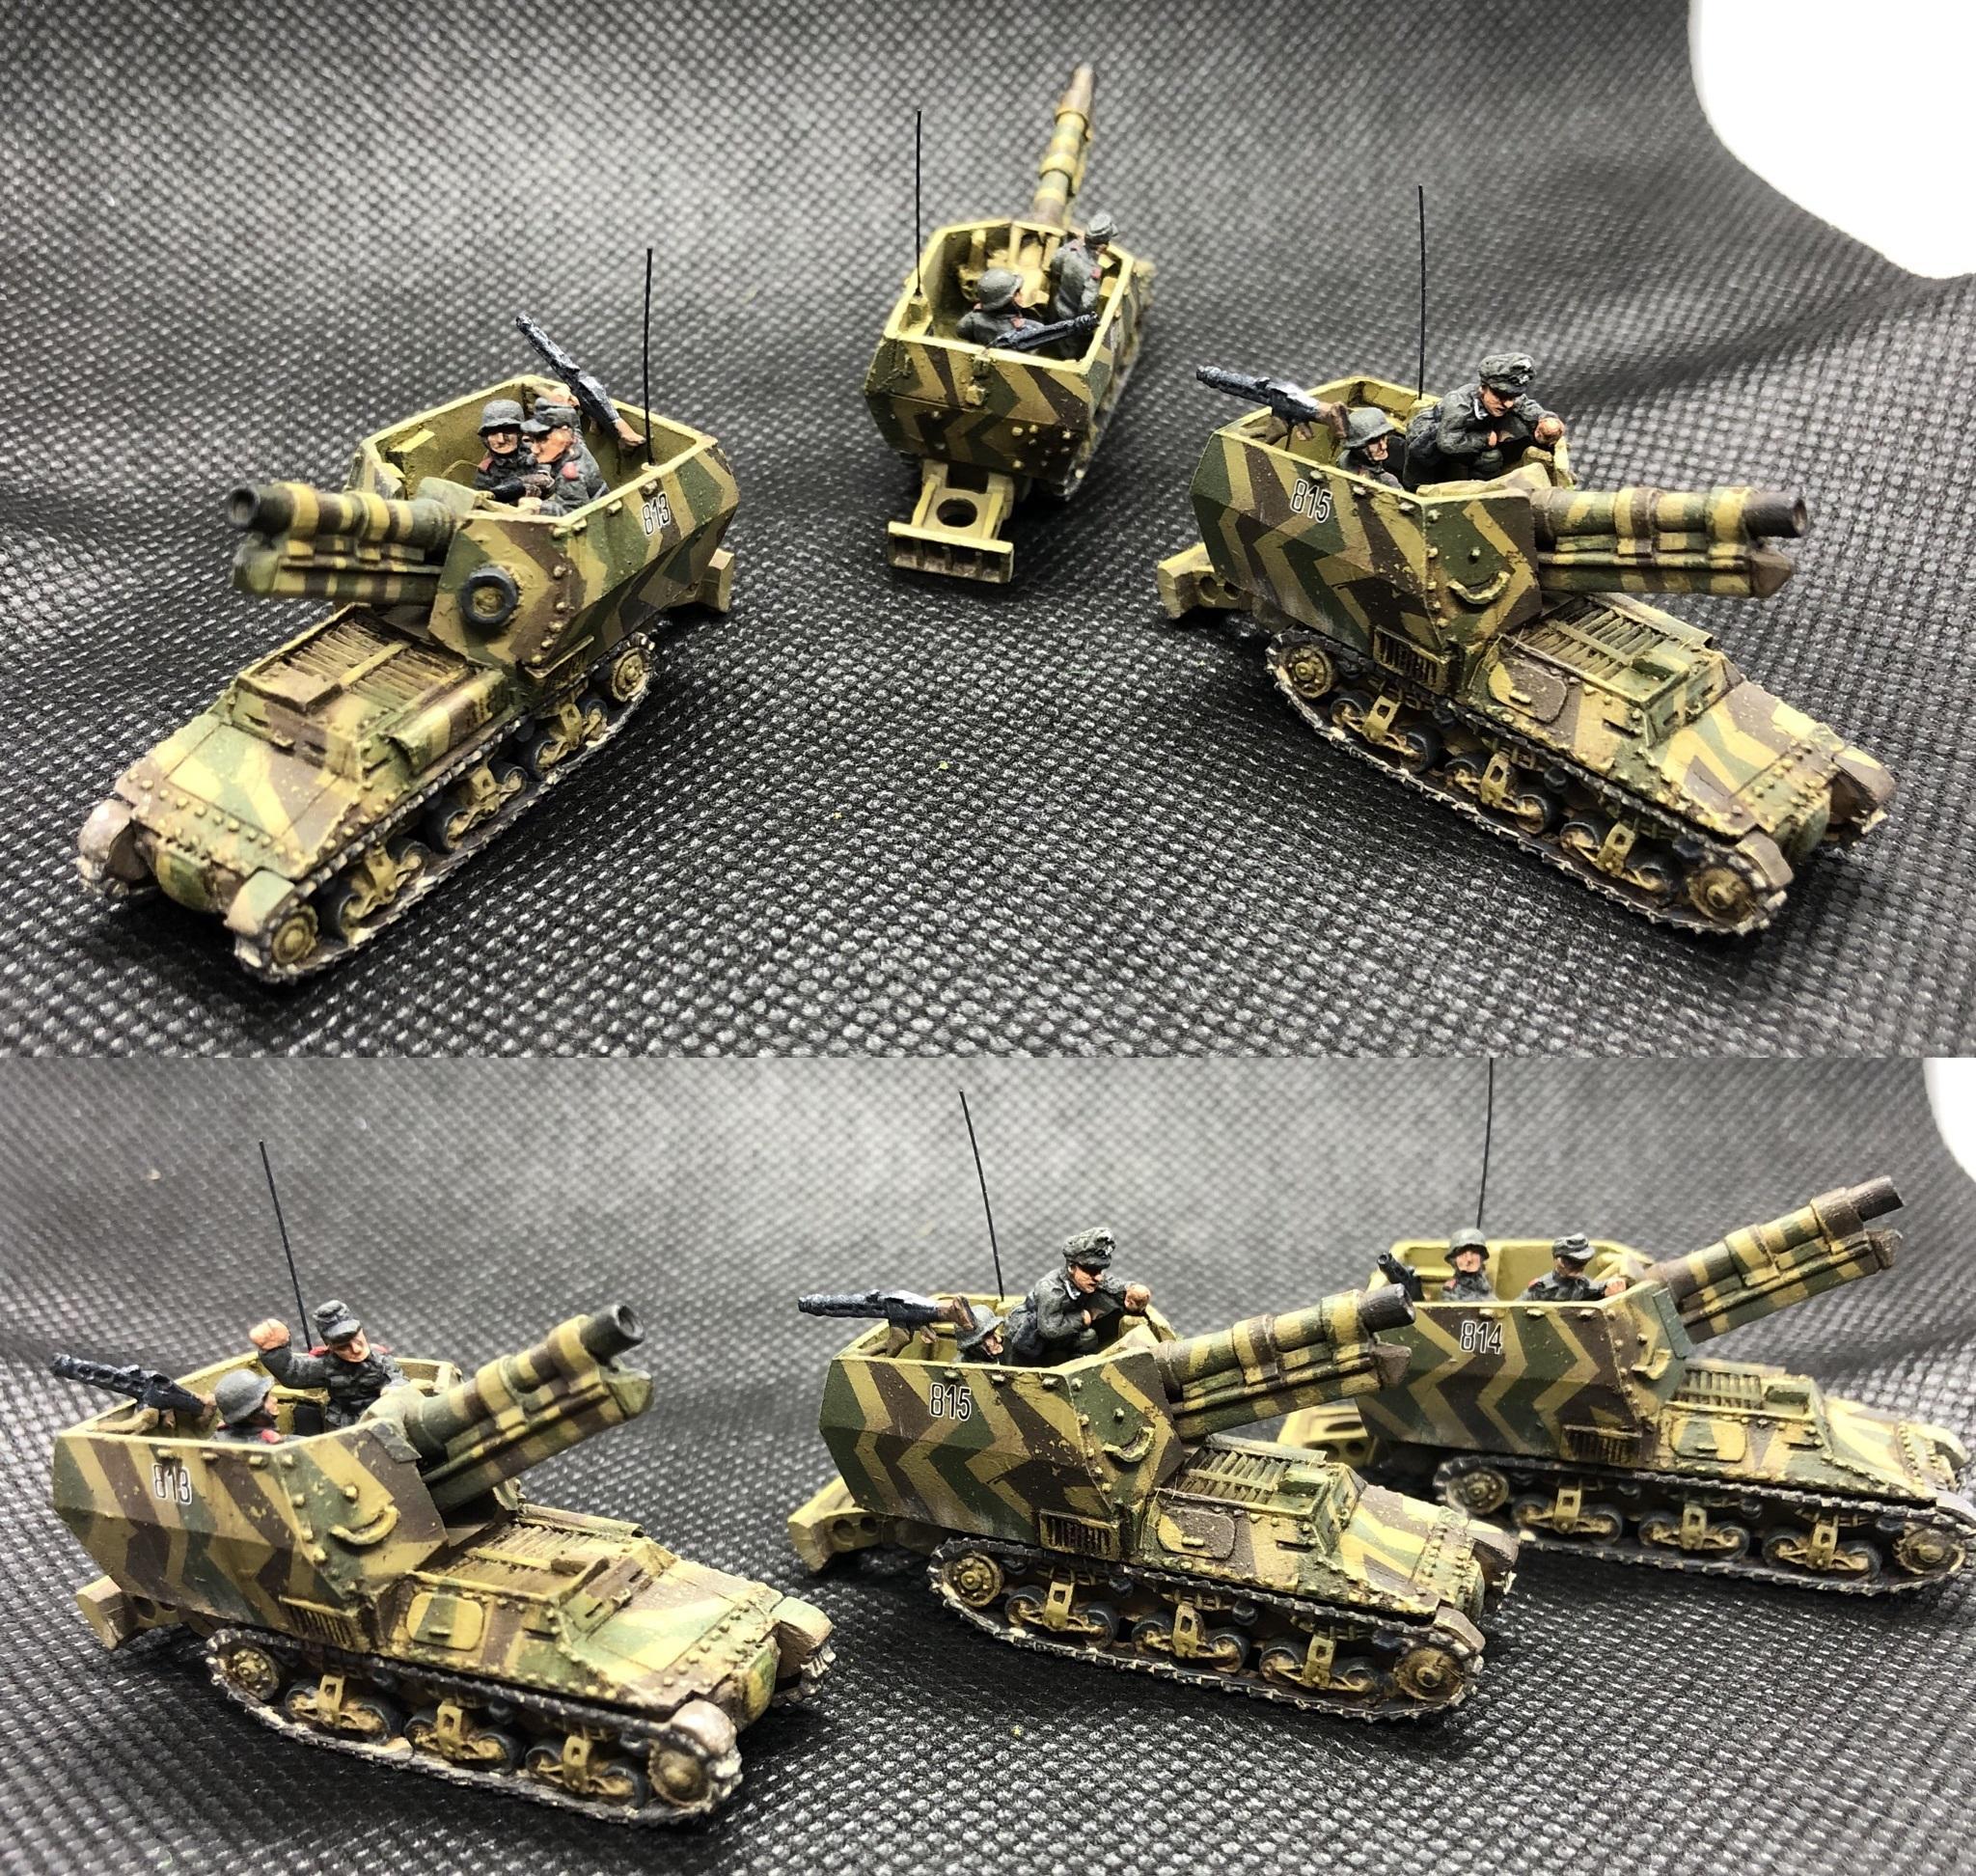 21 Panzer, Flames Of War, Germans, Historical, World War 2